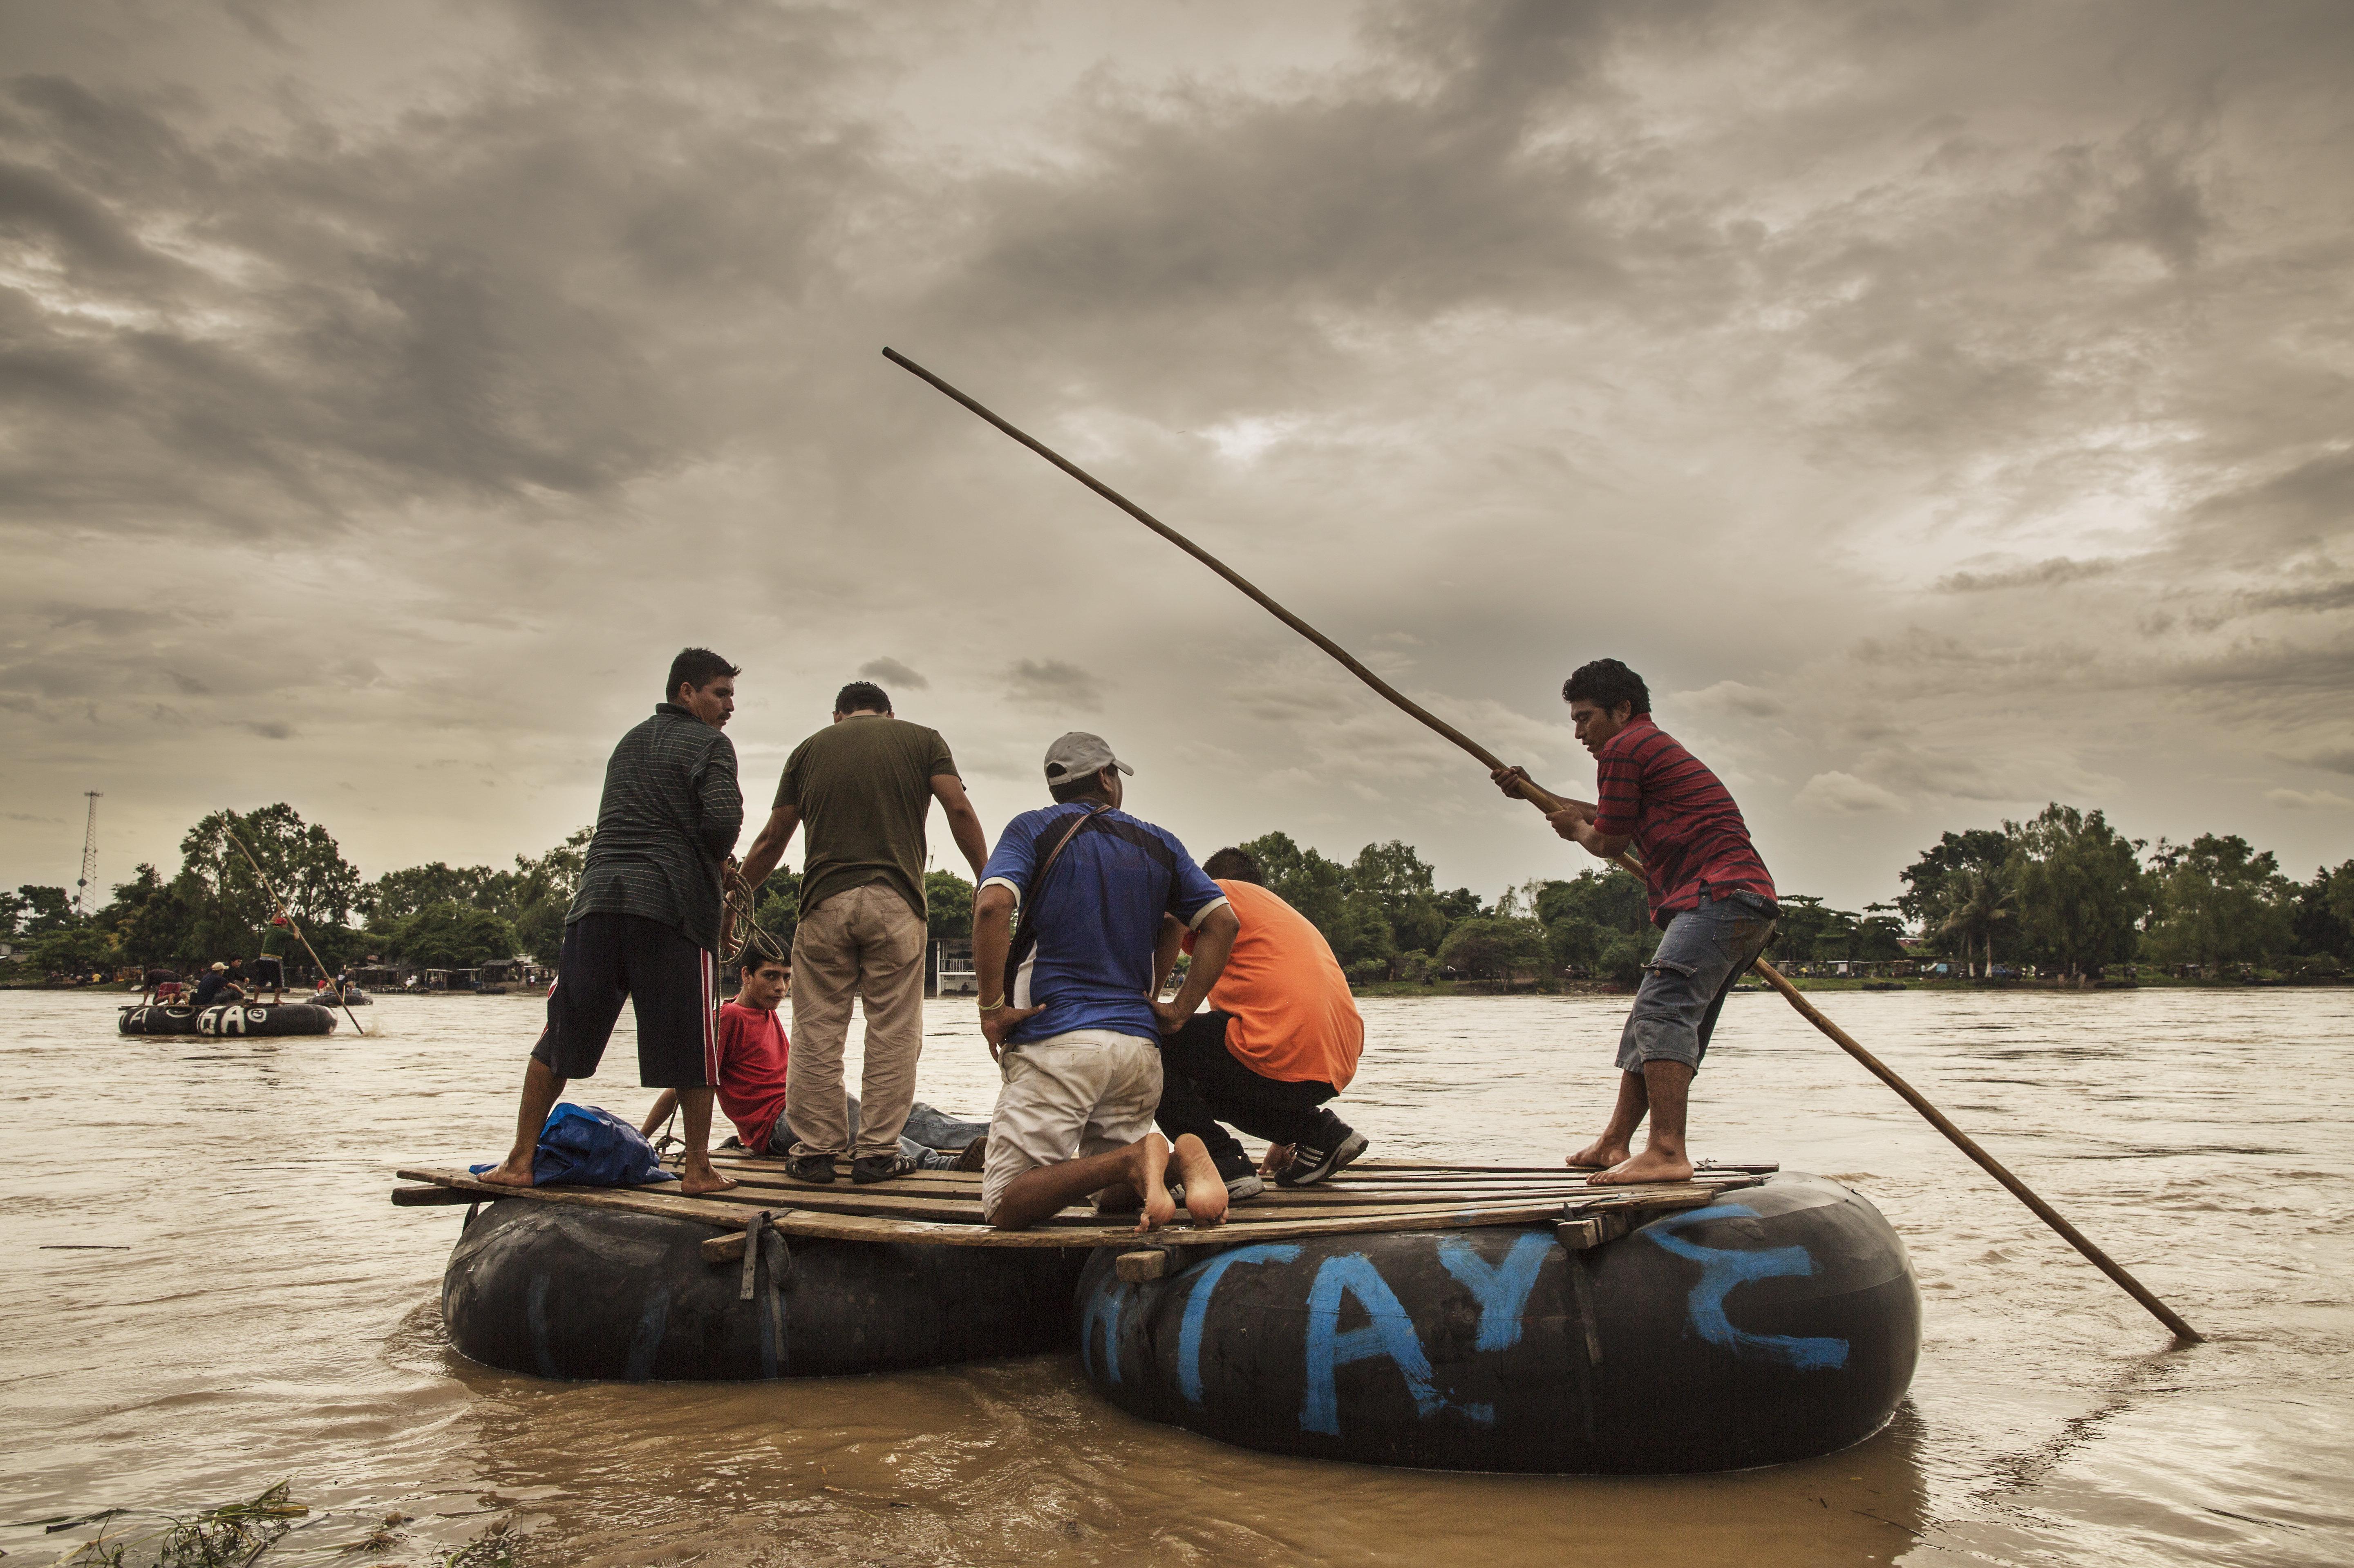 El río Suchiate, en la frontera entre México y Guatemala. Los migrantes centroamericanos cruzan este paso (El Paso del Coyote) en pequeñas embarcaciones. Es el comienzo de su viaje por México